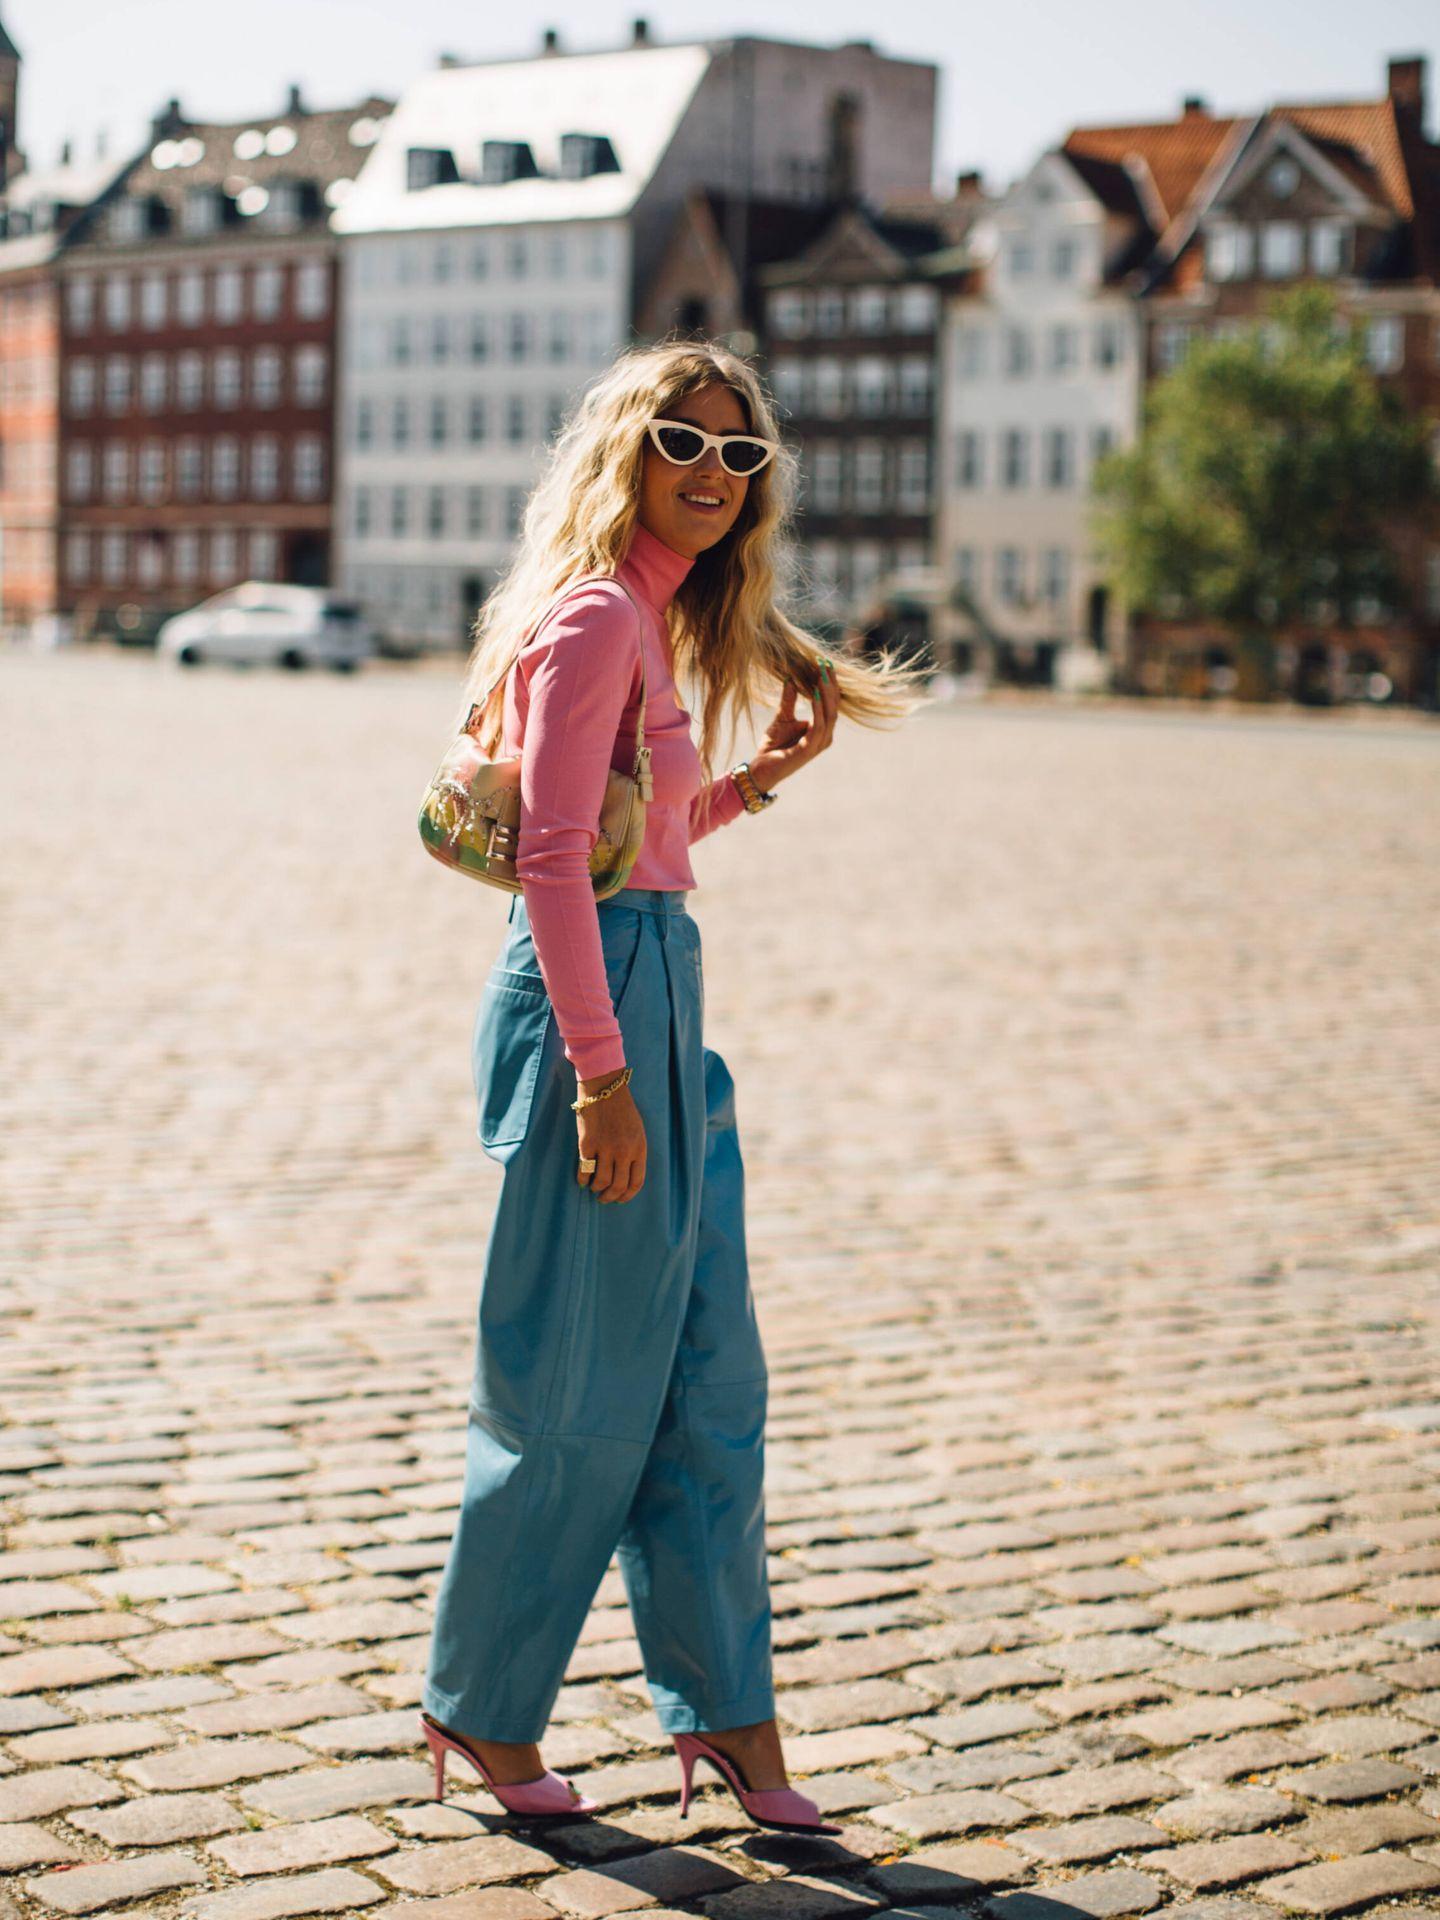 El pantalón ancho de tiro alto que triunfa entre las danesas. (Imaxtree)